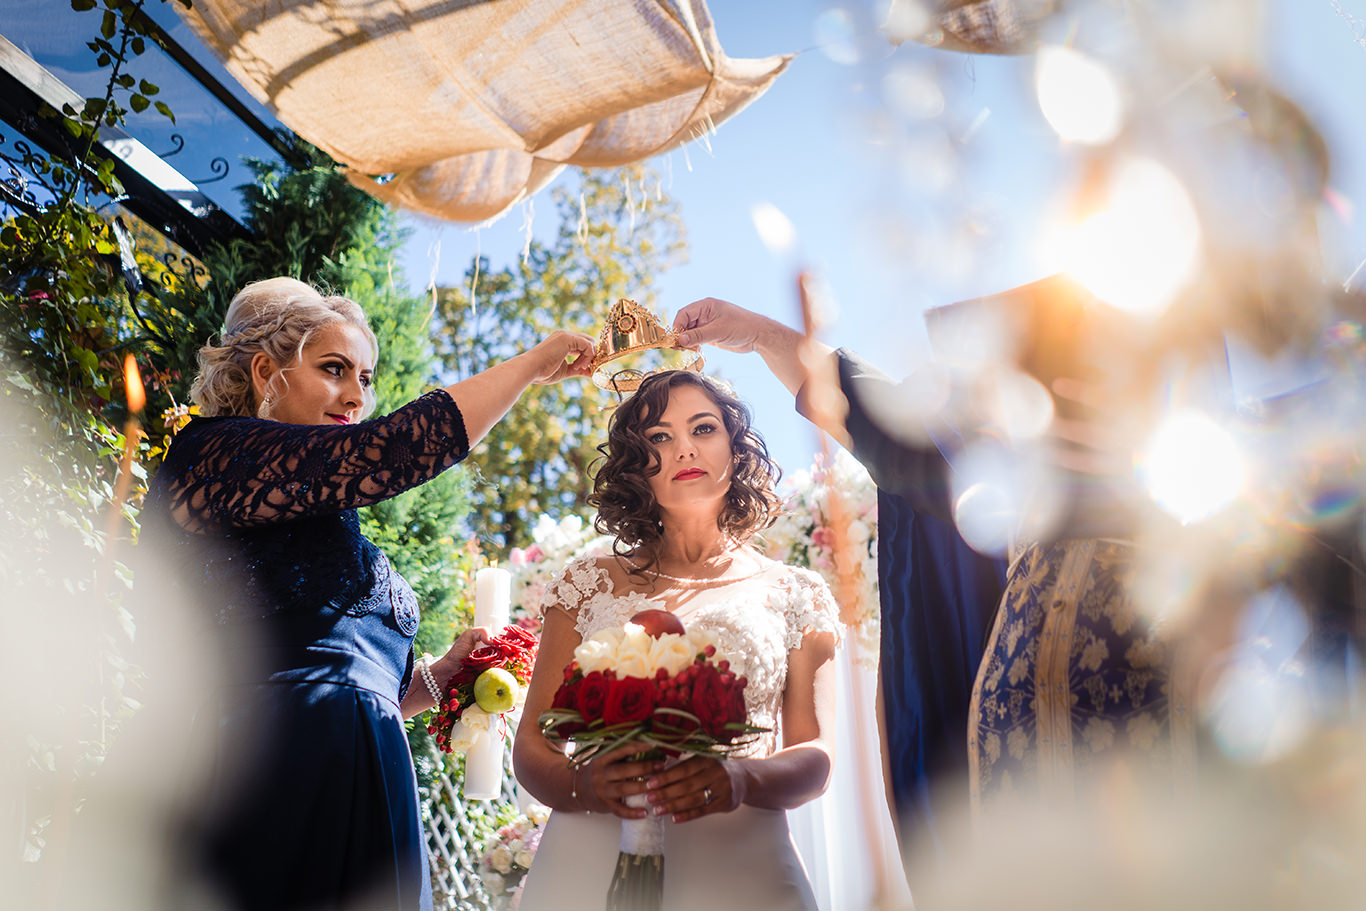 Final de ceremonie religioasa de nunta